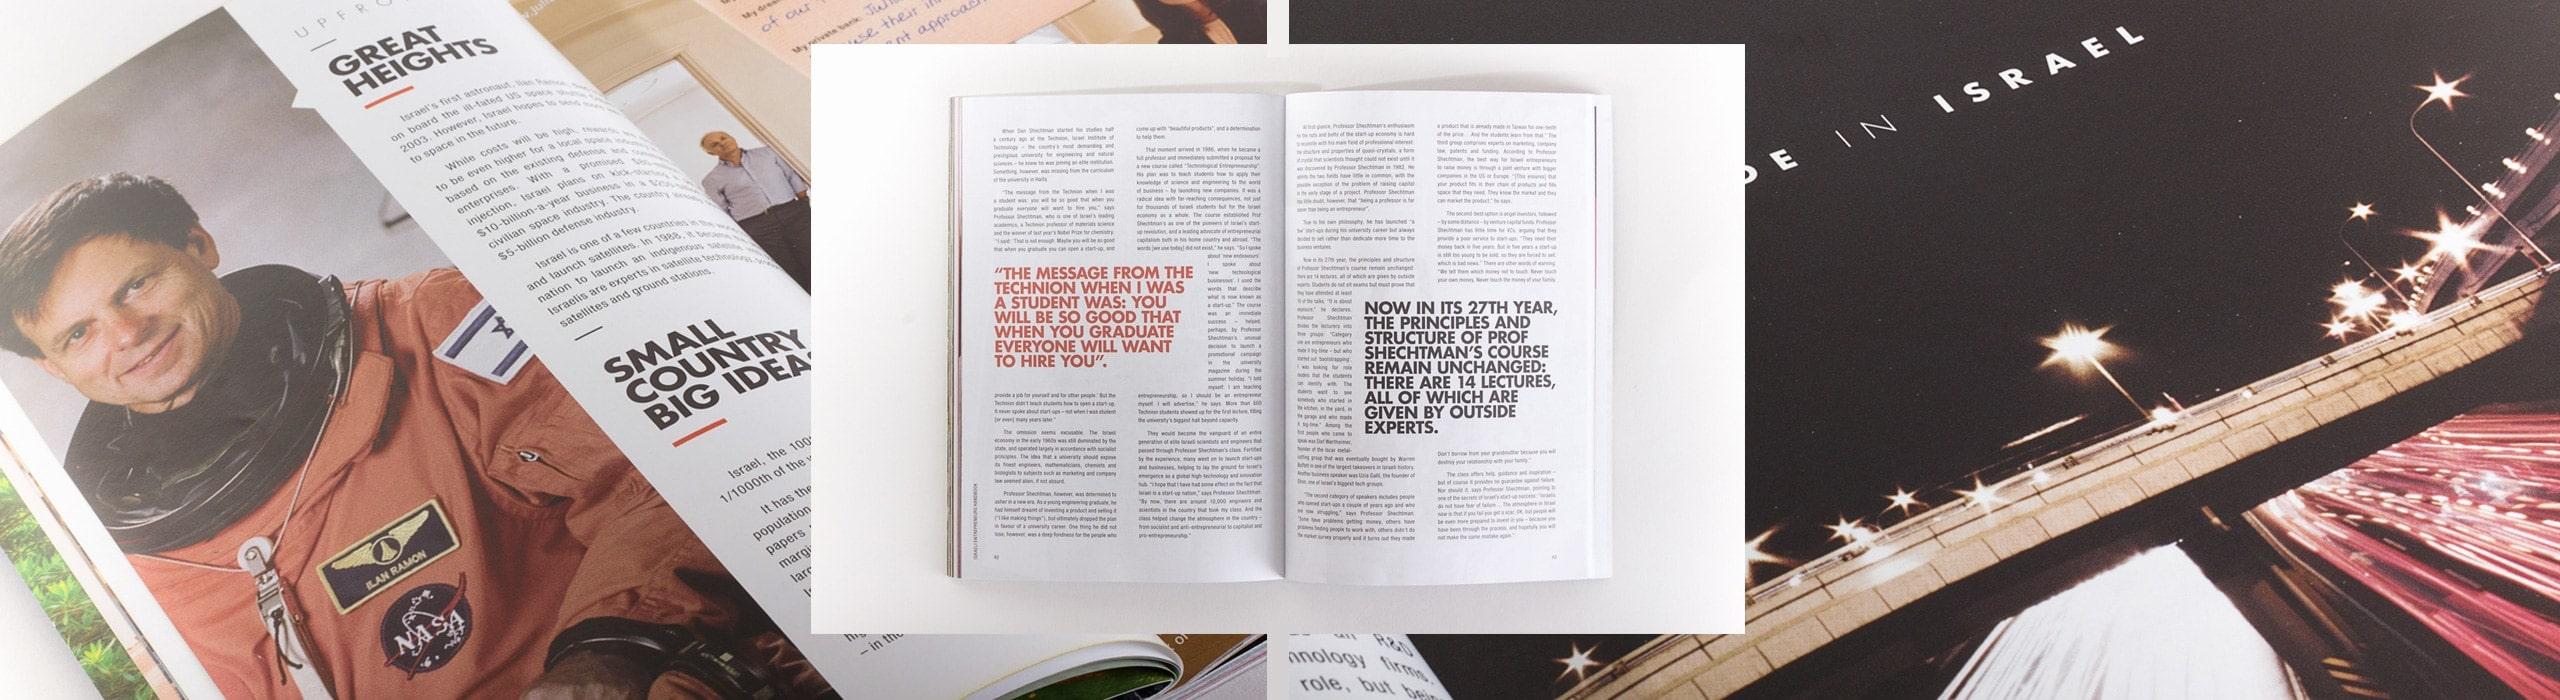 EO Israel - natie-eo-israel-handbook-04 - Natie Branding Agency